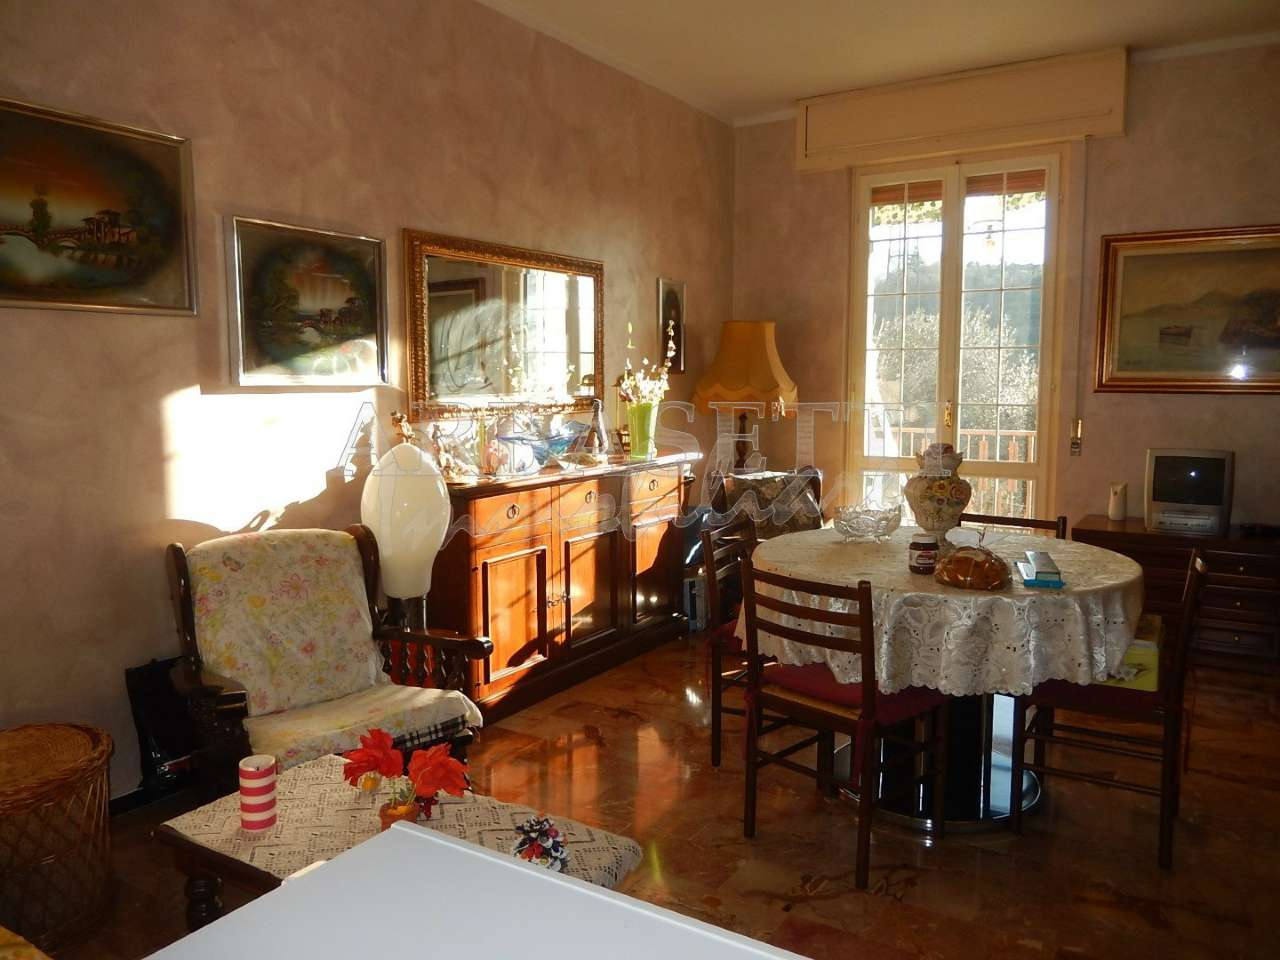 Appartamento in vendita a Chiavari, 4 locali, prezzo € 185.000 | PortaleAgenzieImmobiliari.it